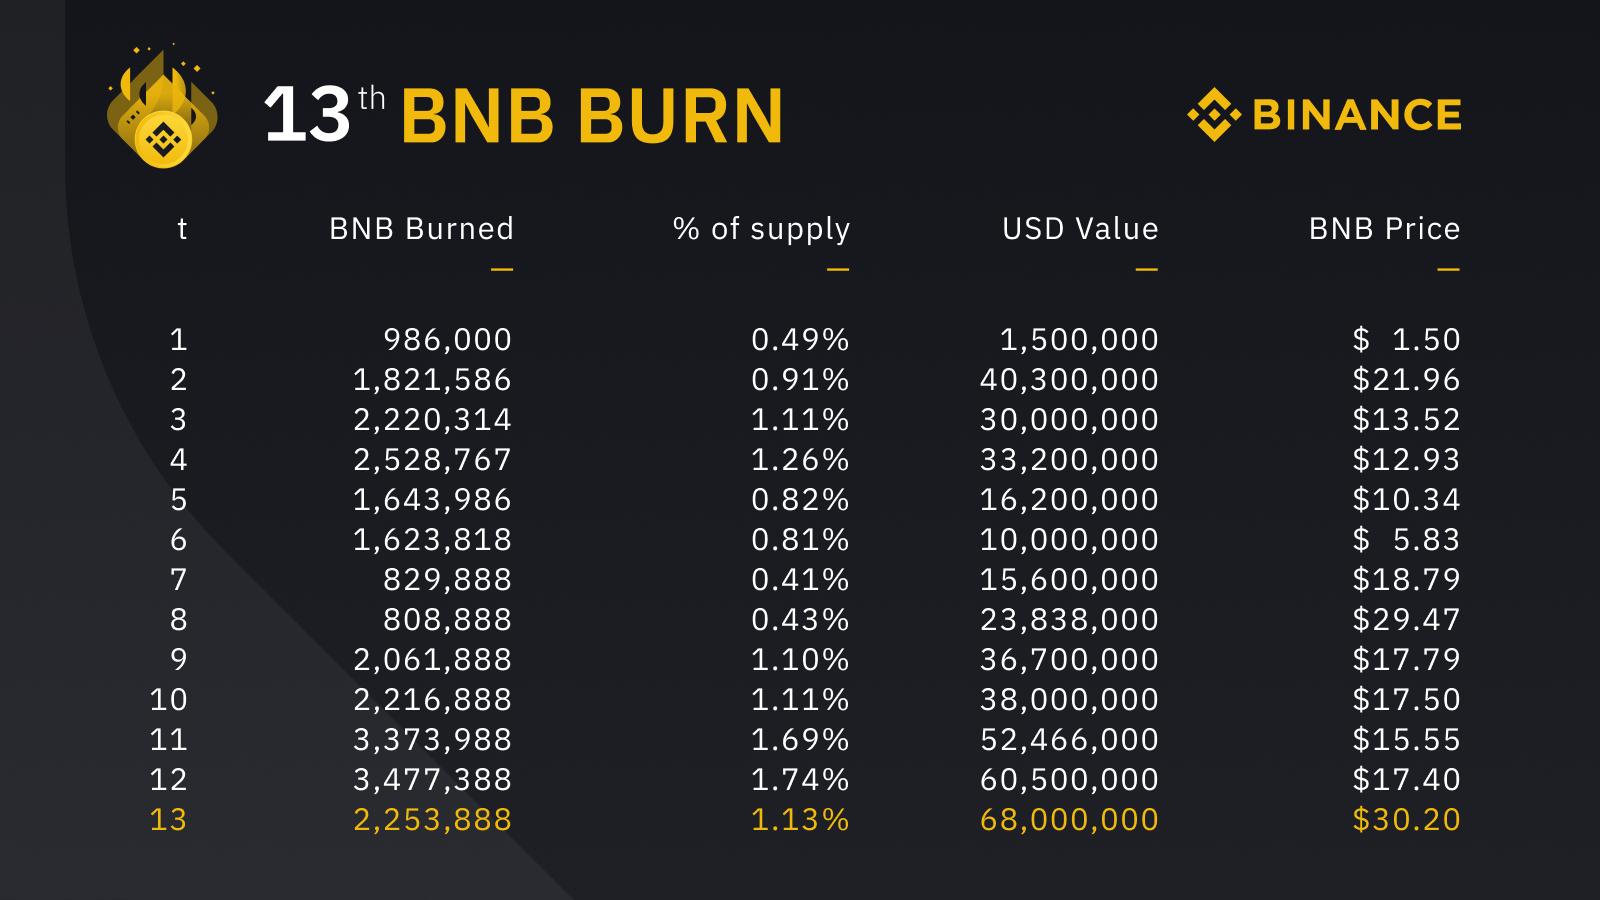 Binance осуществила крупнейшее сжигание токенов BNB в фиатном эквиваленте